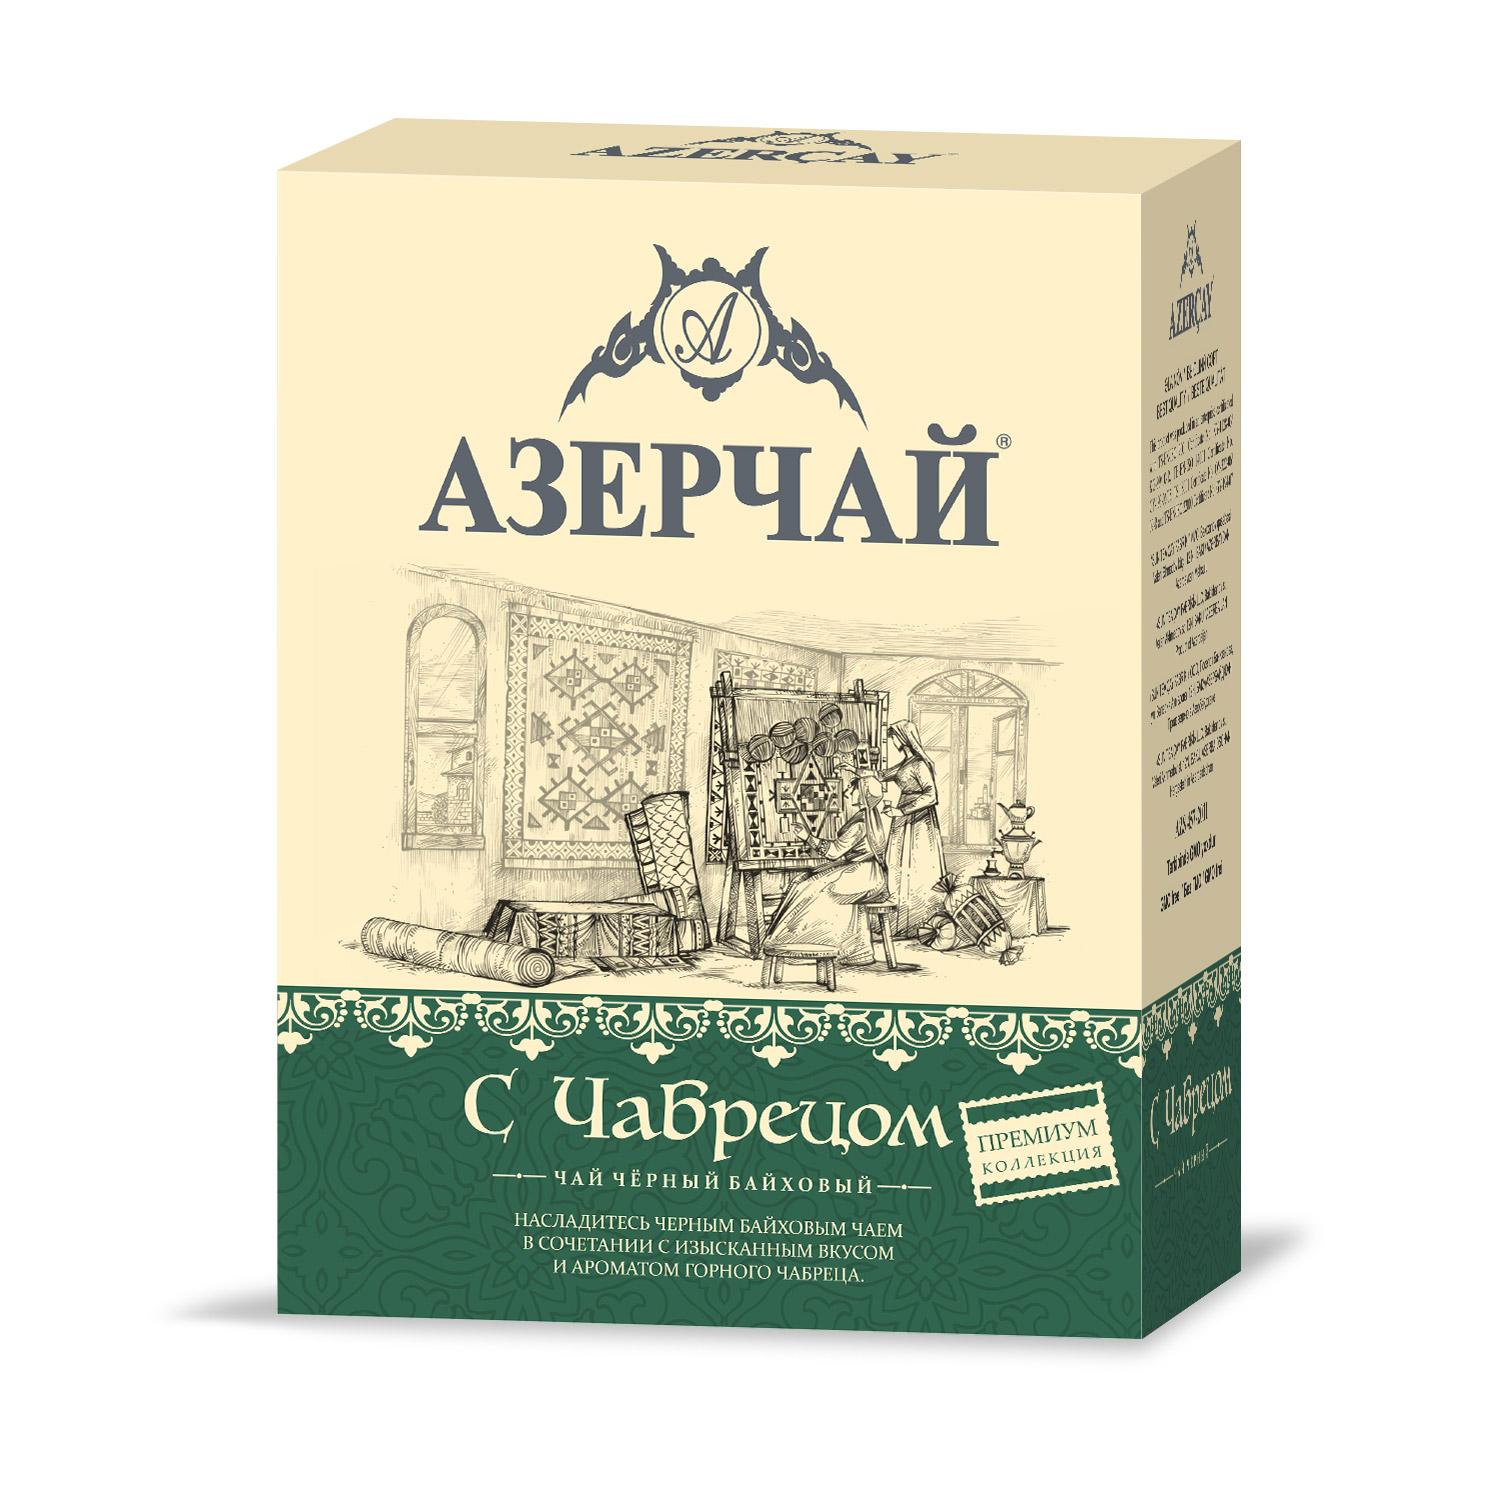 Фото - Чай черный Азерчай с чабрецом Premium 100 г чай черный азерчай специальный с белым узором 200 г